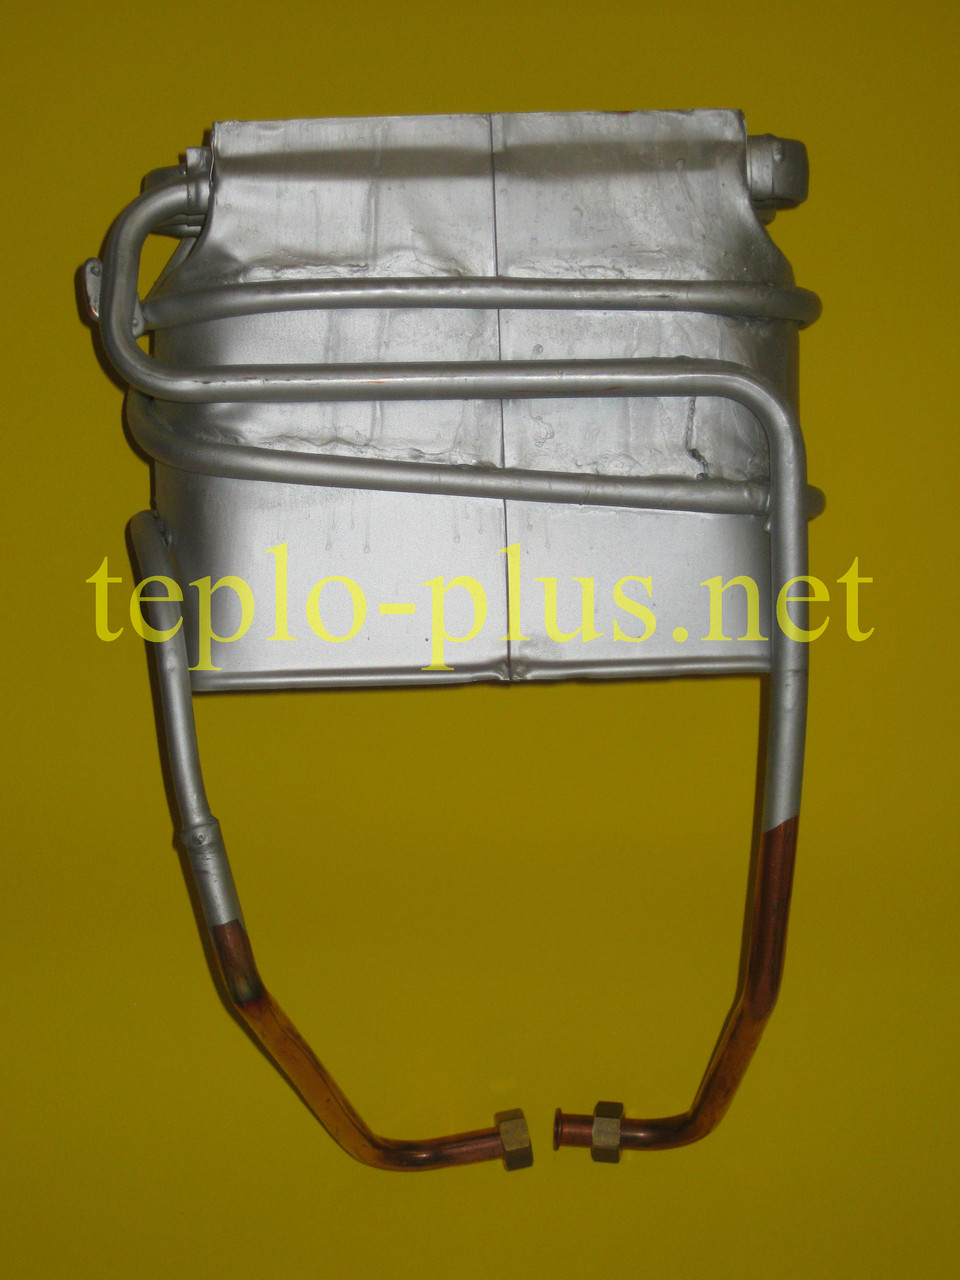 Теплообменник беретта 11 теплообменник типа труба в трубе для бани